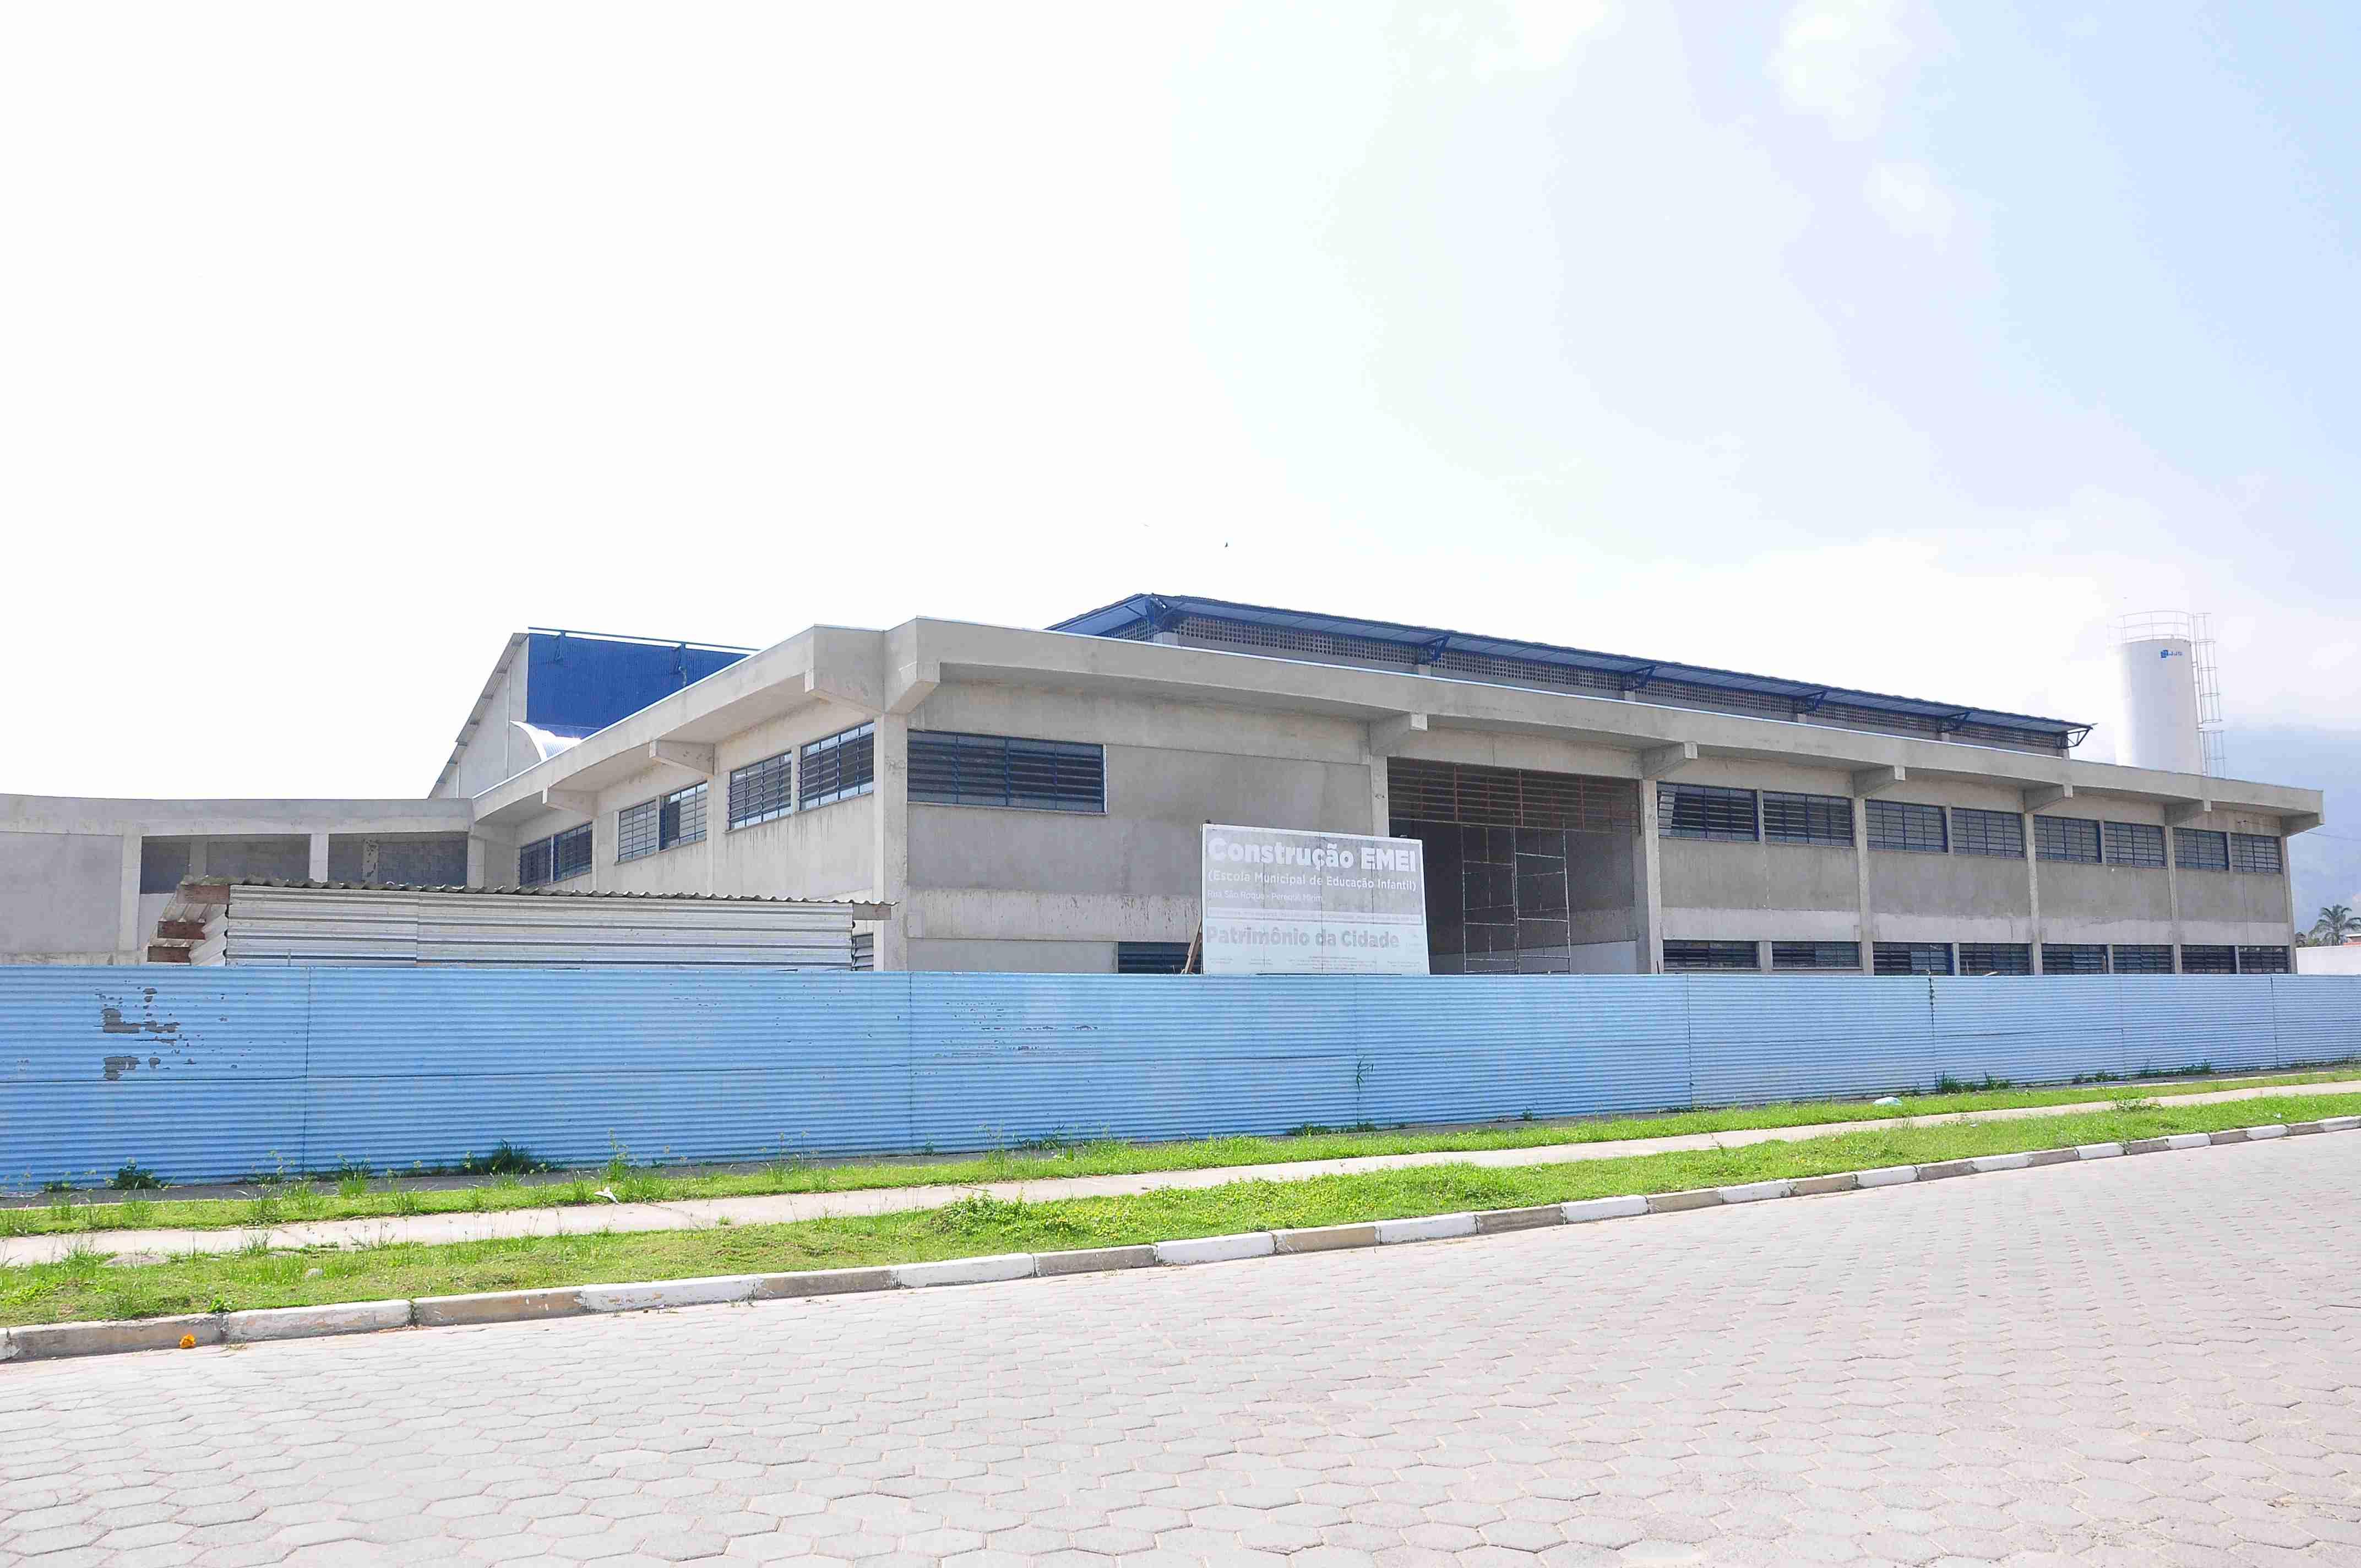 Prefeitura investe R$ 14 milhões em obras no Perequê-Mirim